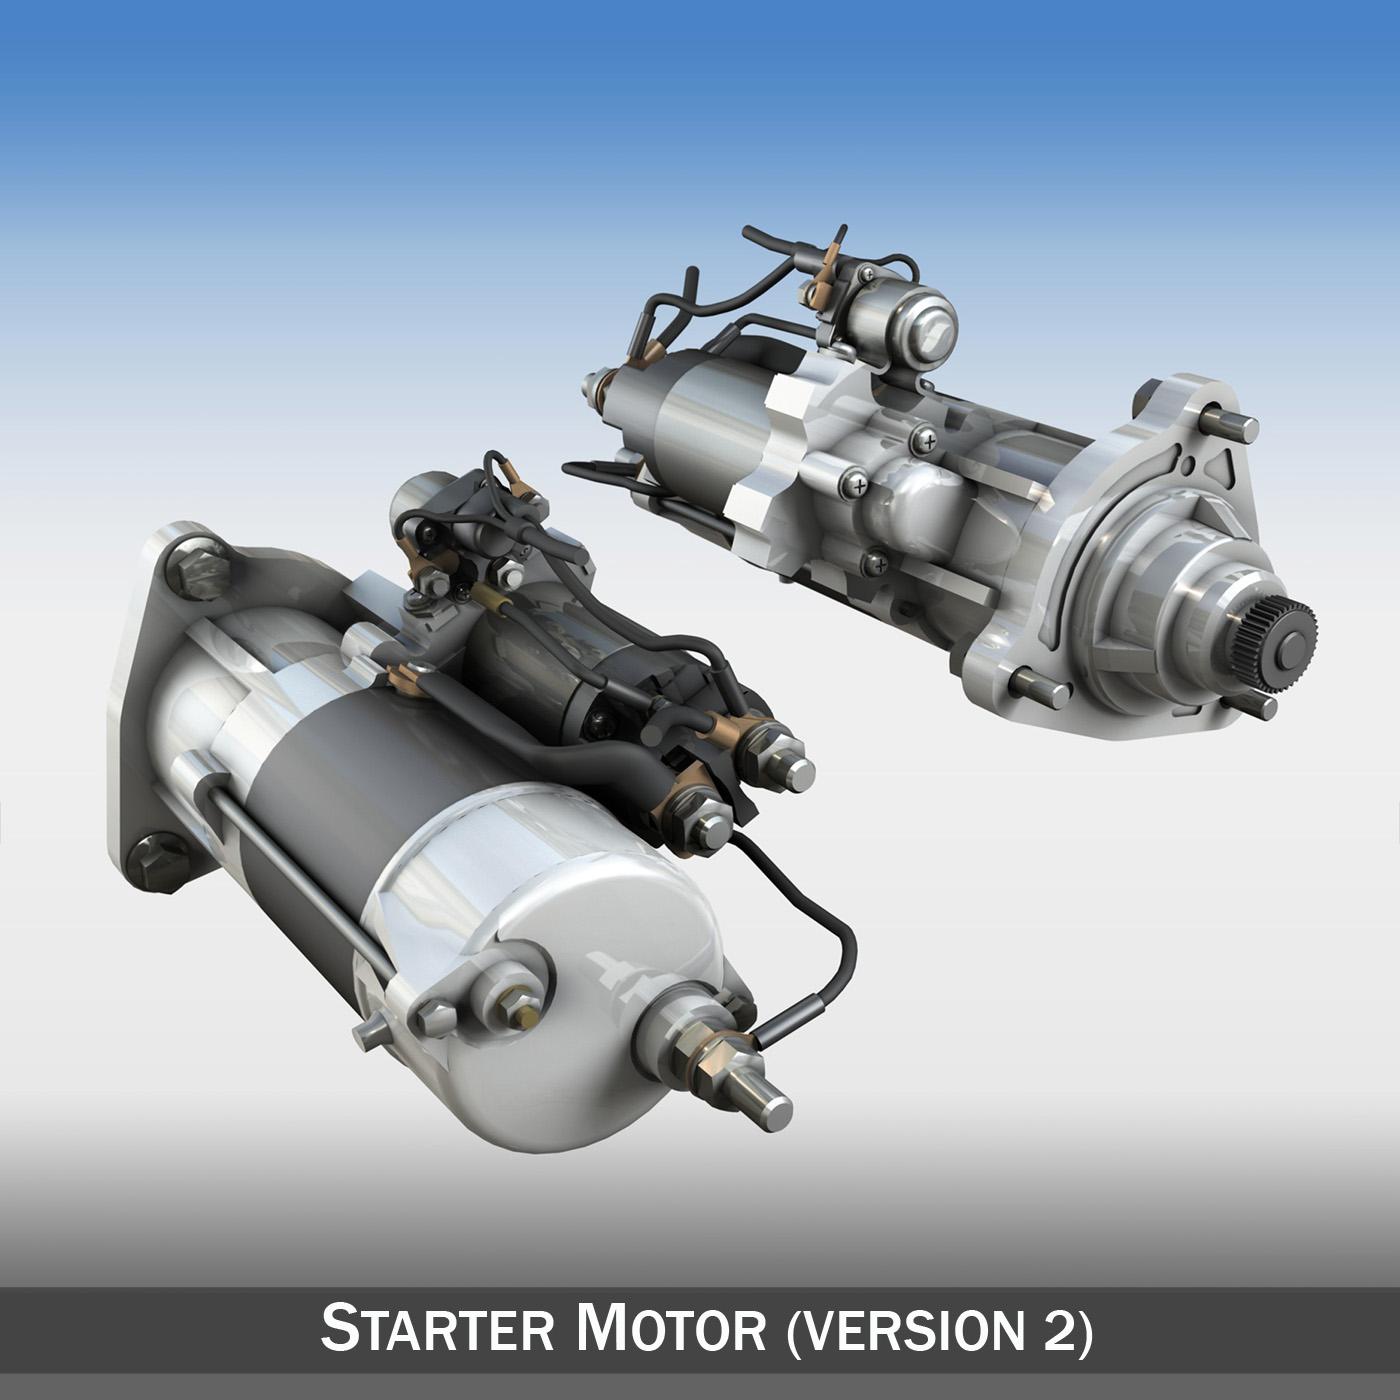 starter motor 02 3d model 3ds fbx c4d lwo obj 201925